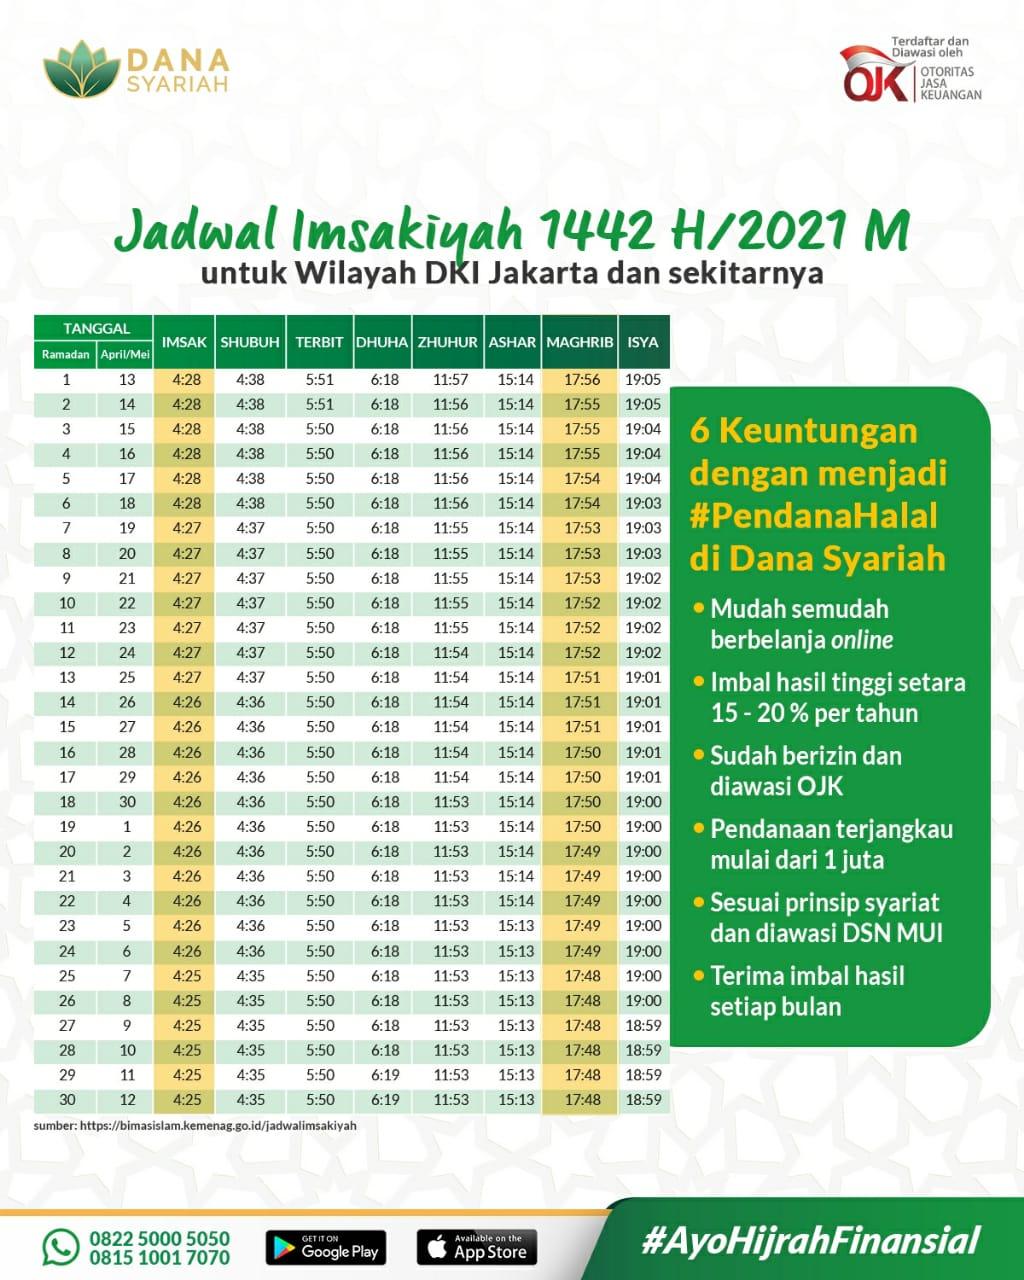 Dana Syariah Jadwal Imsakiyah dan Puasa Ramadhan 1442 H - 2021 M